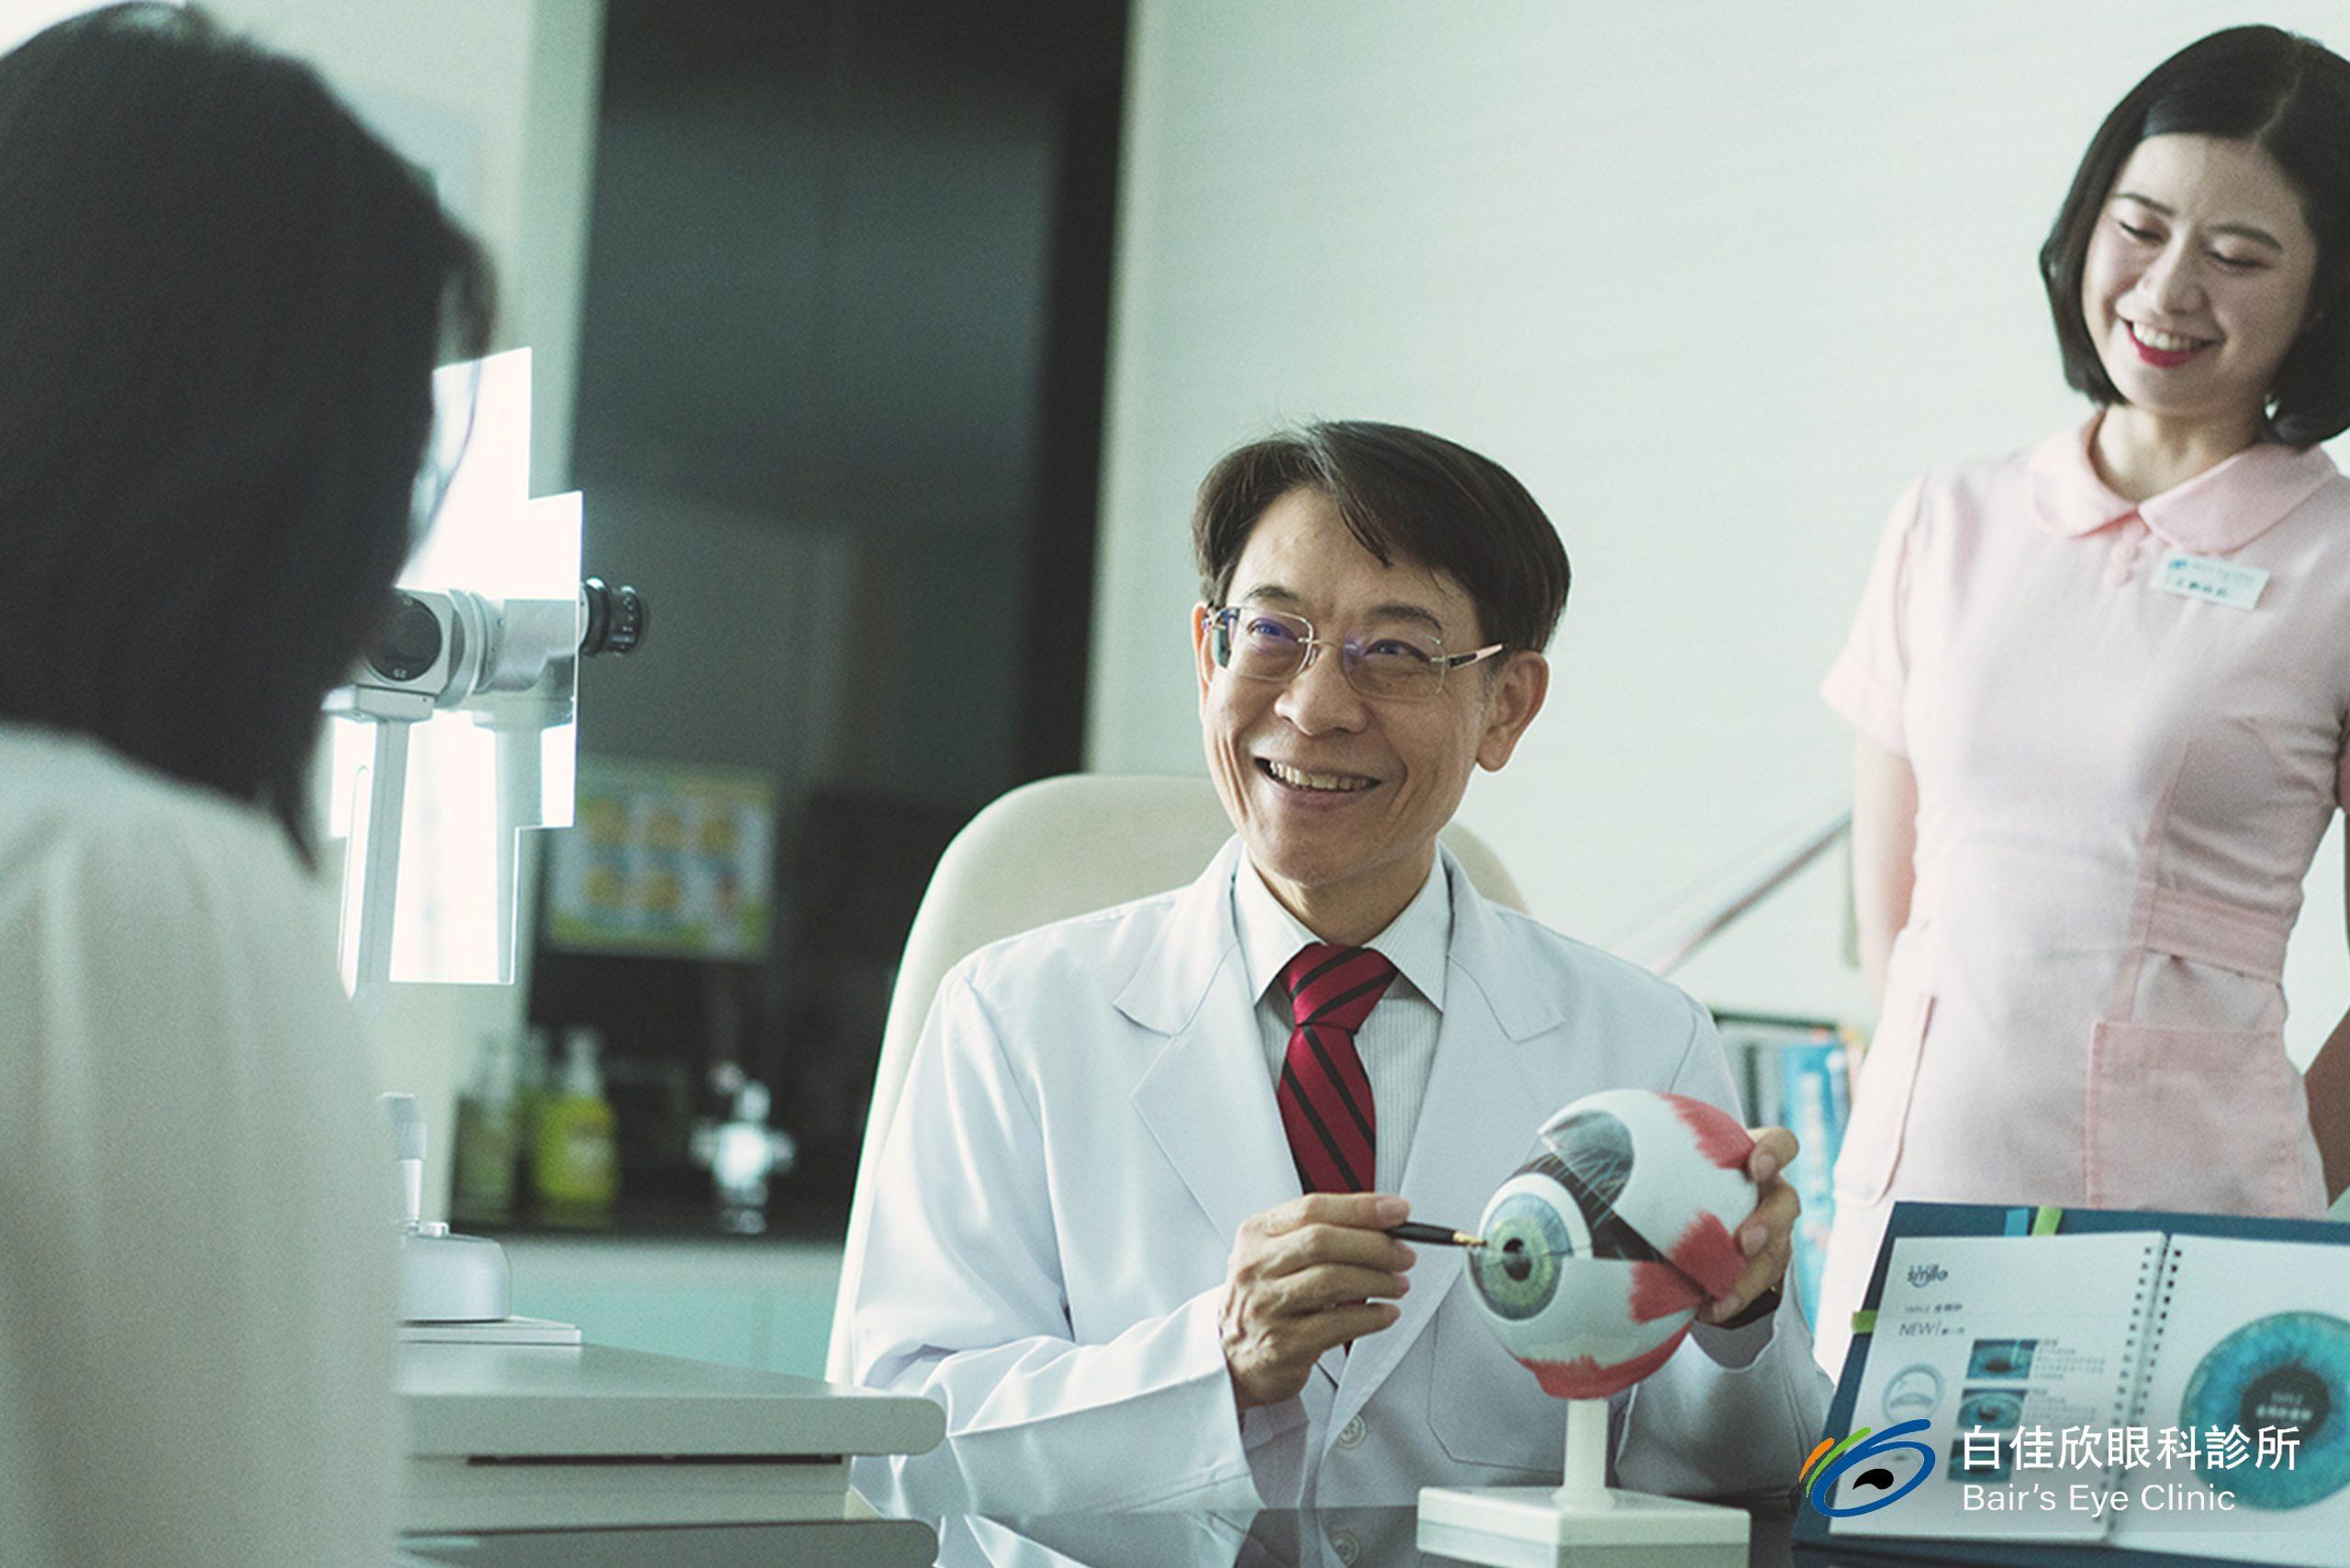 台中白佳欣眼科診所白佳欣院長說明雷射近視手術